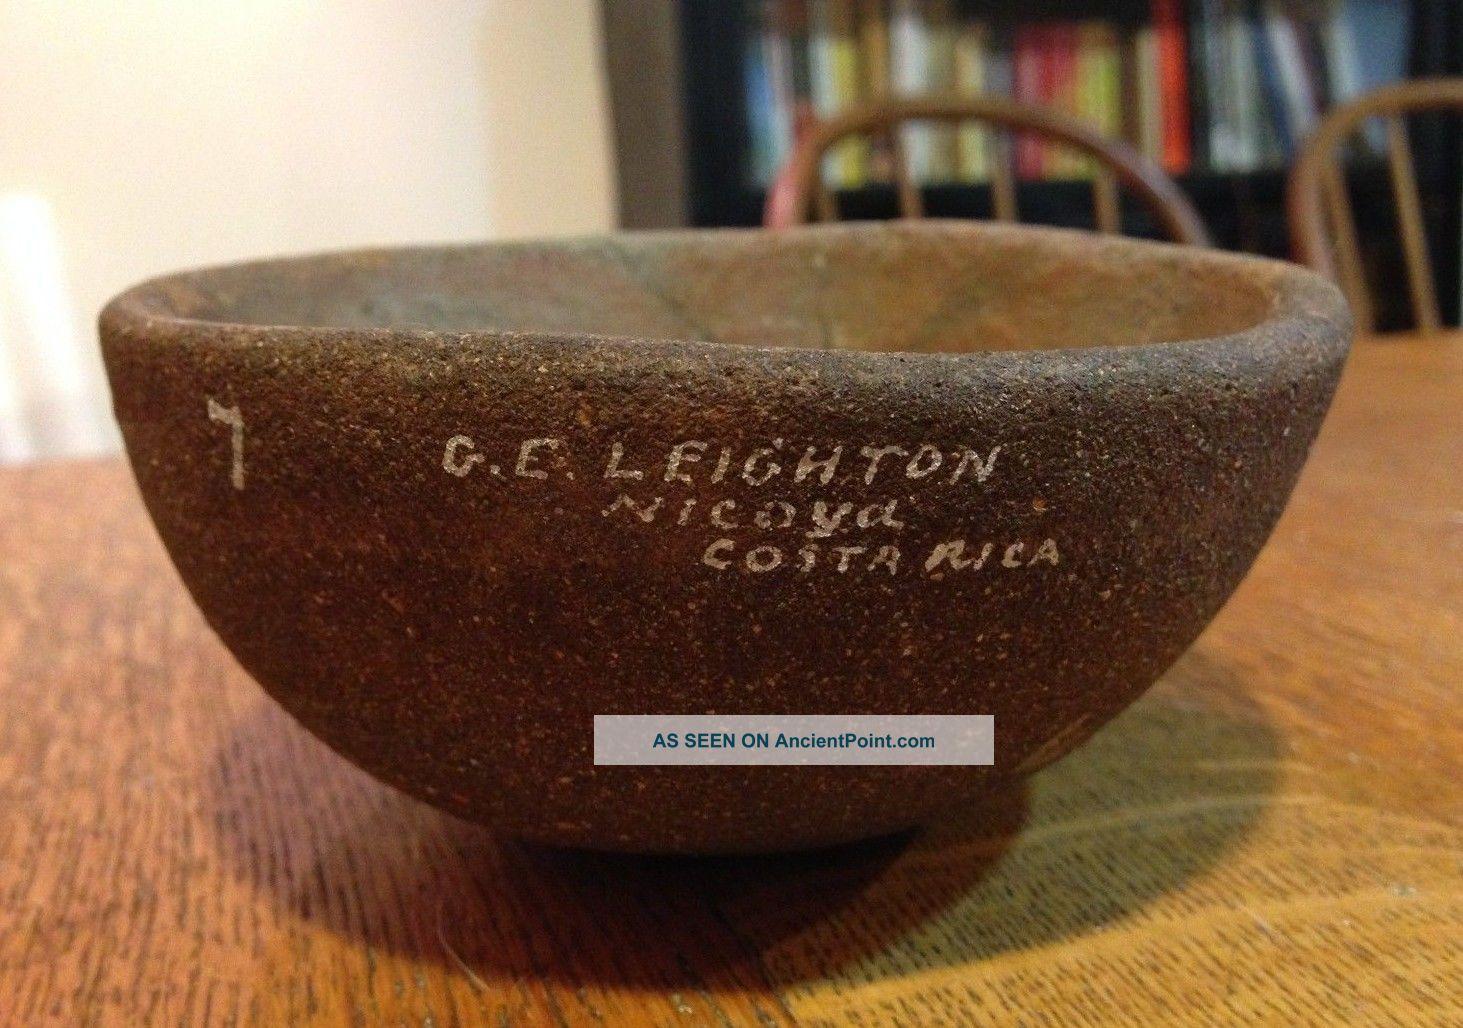 Gorgeous Clay Pottery Bowl Marked 7 G.  E.  Leighton Nicoya Costa Rica - 4 3/4